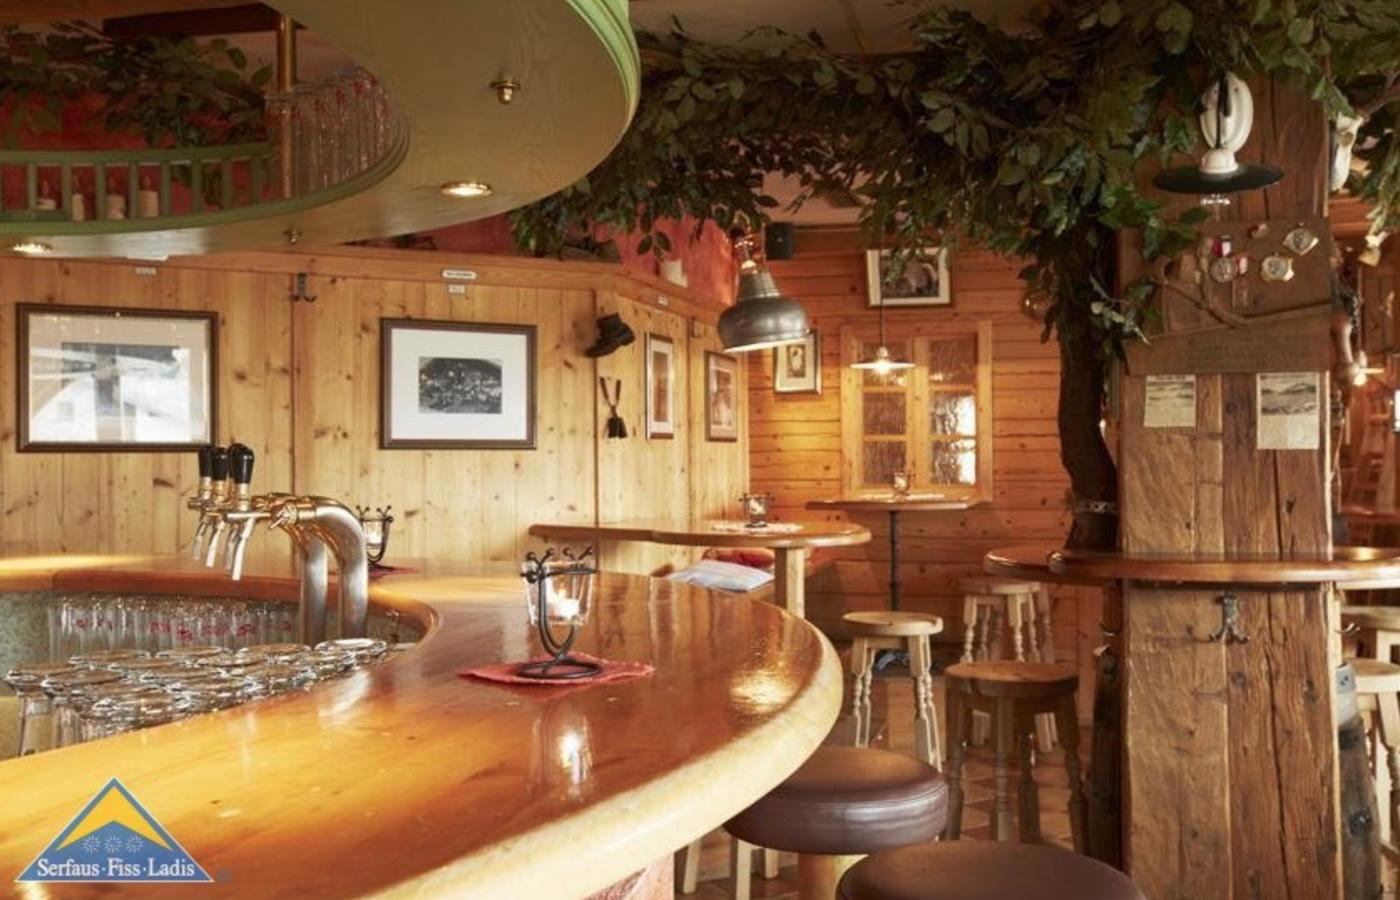 Restaurant_Fiss_2